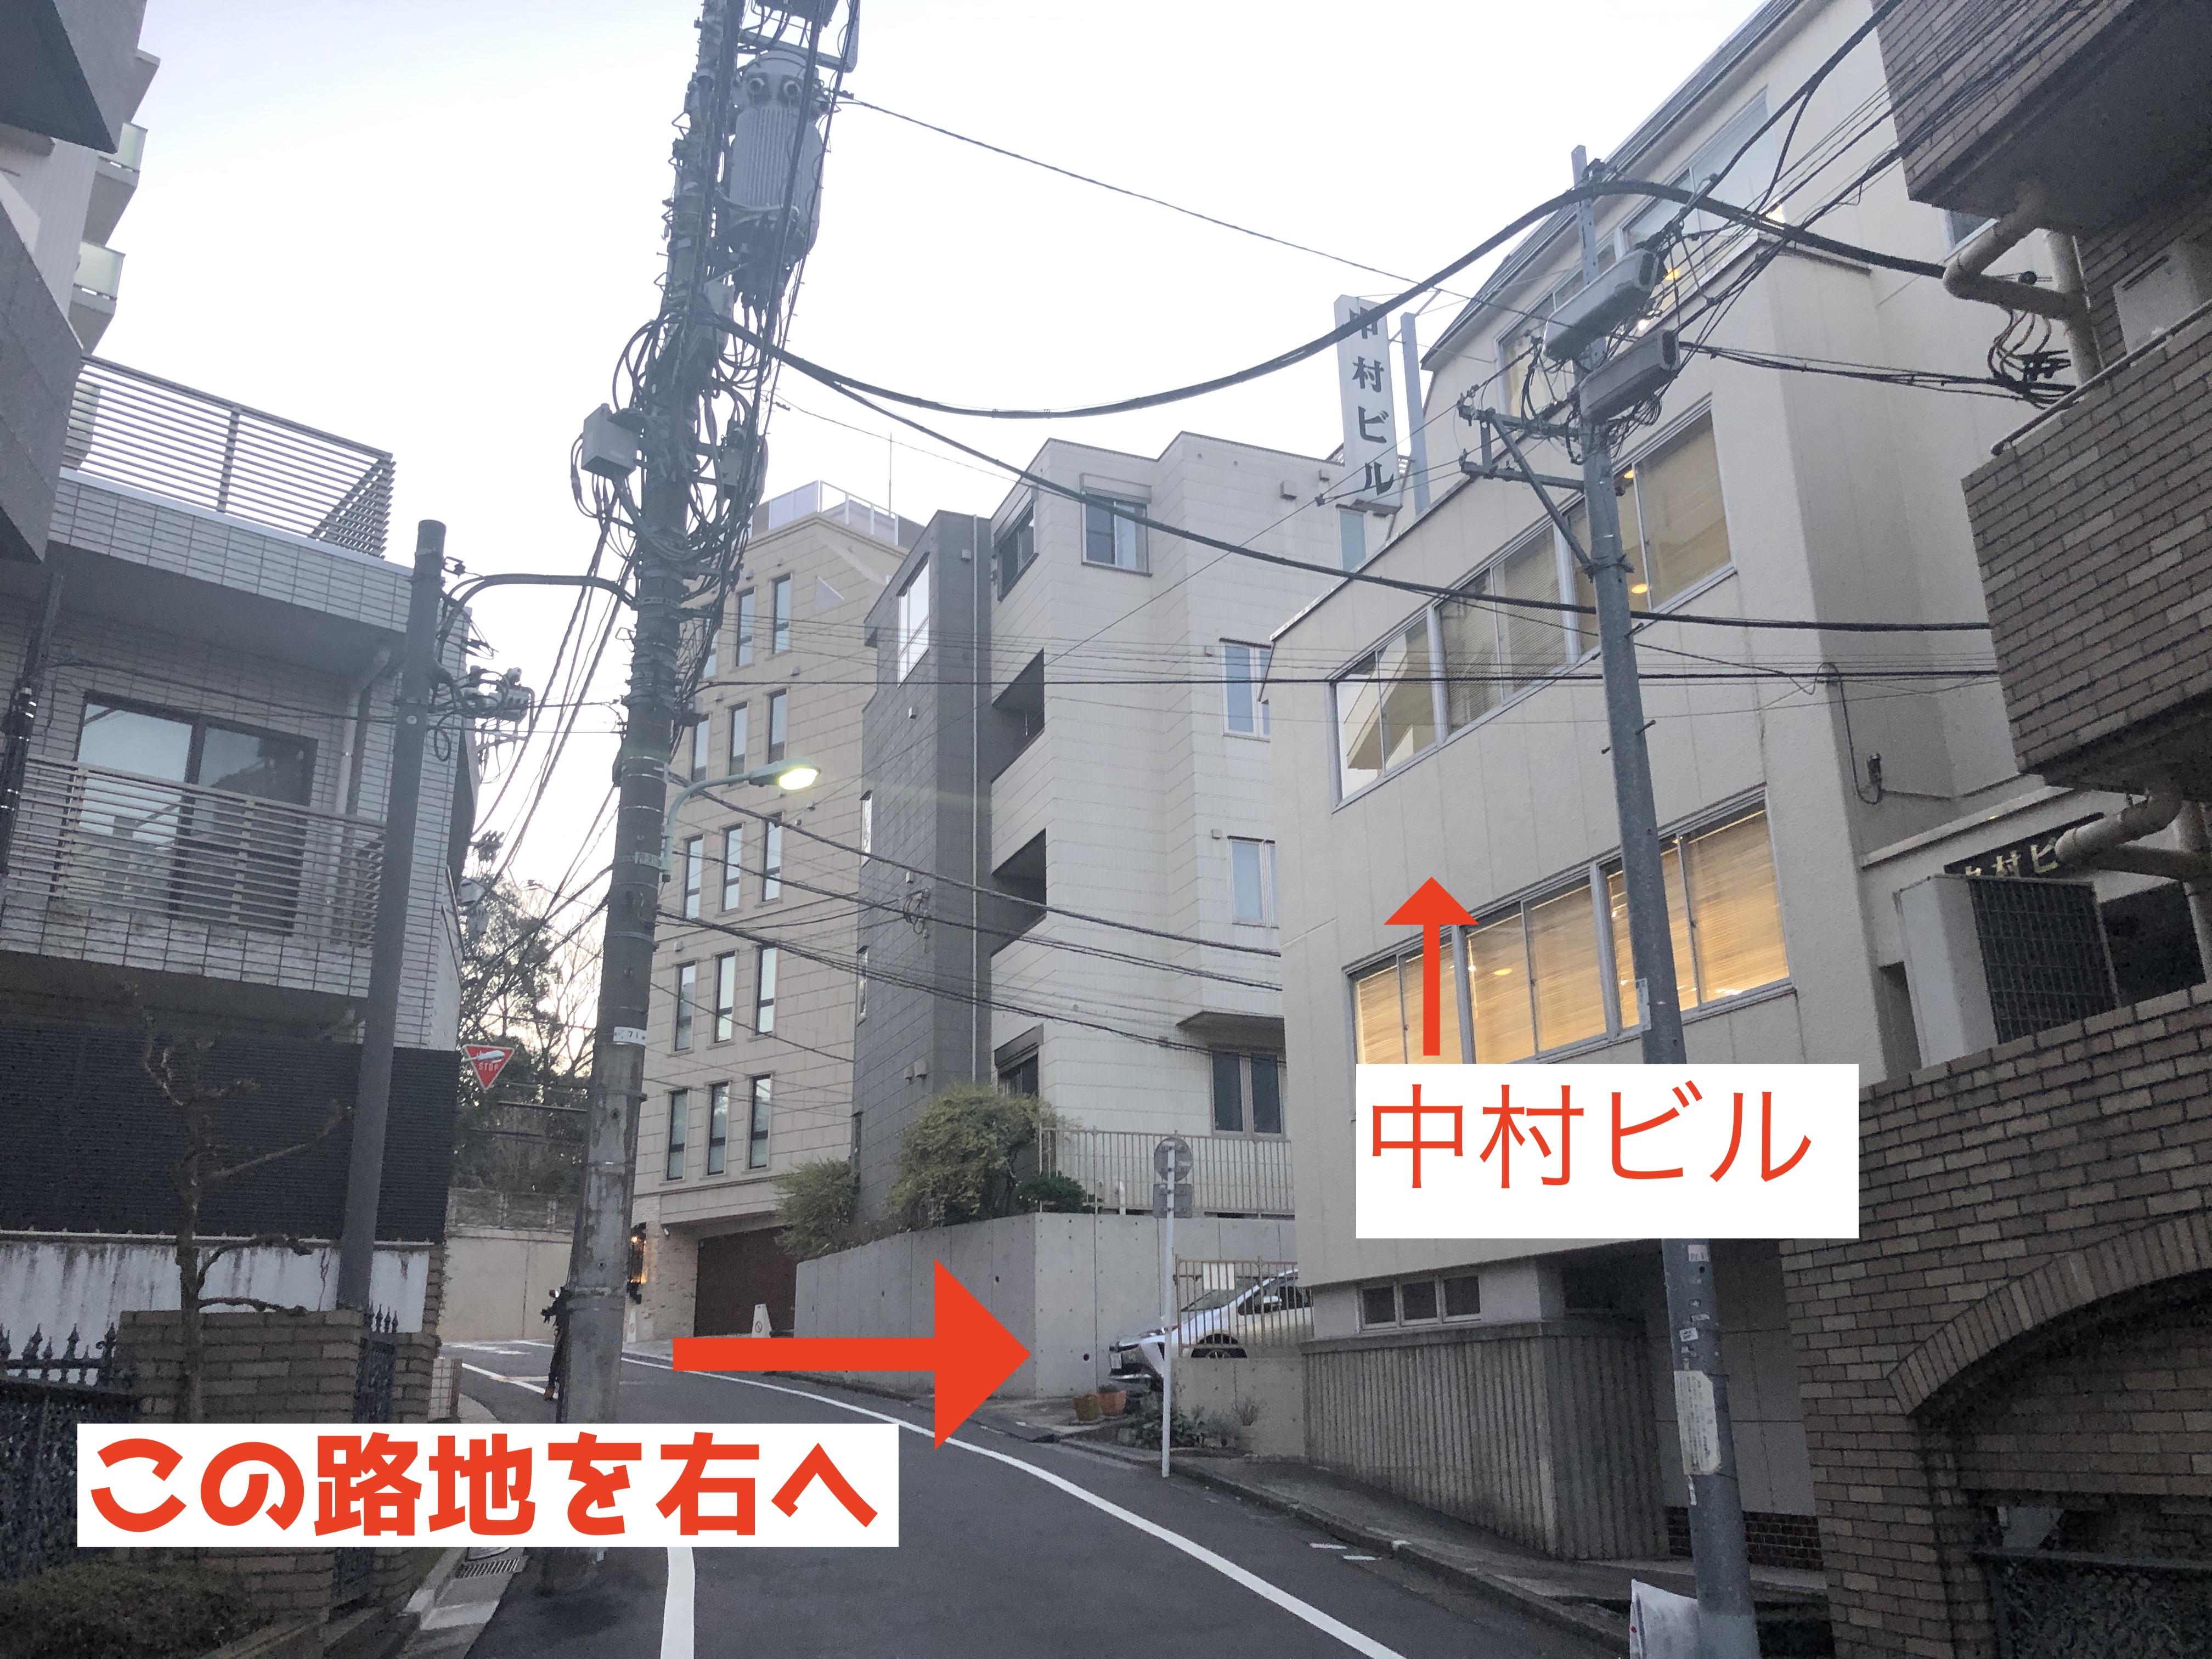 順路2.JPG